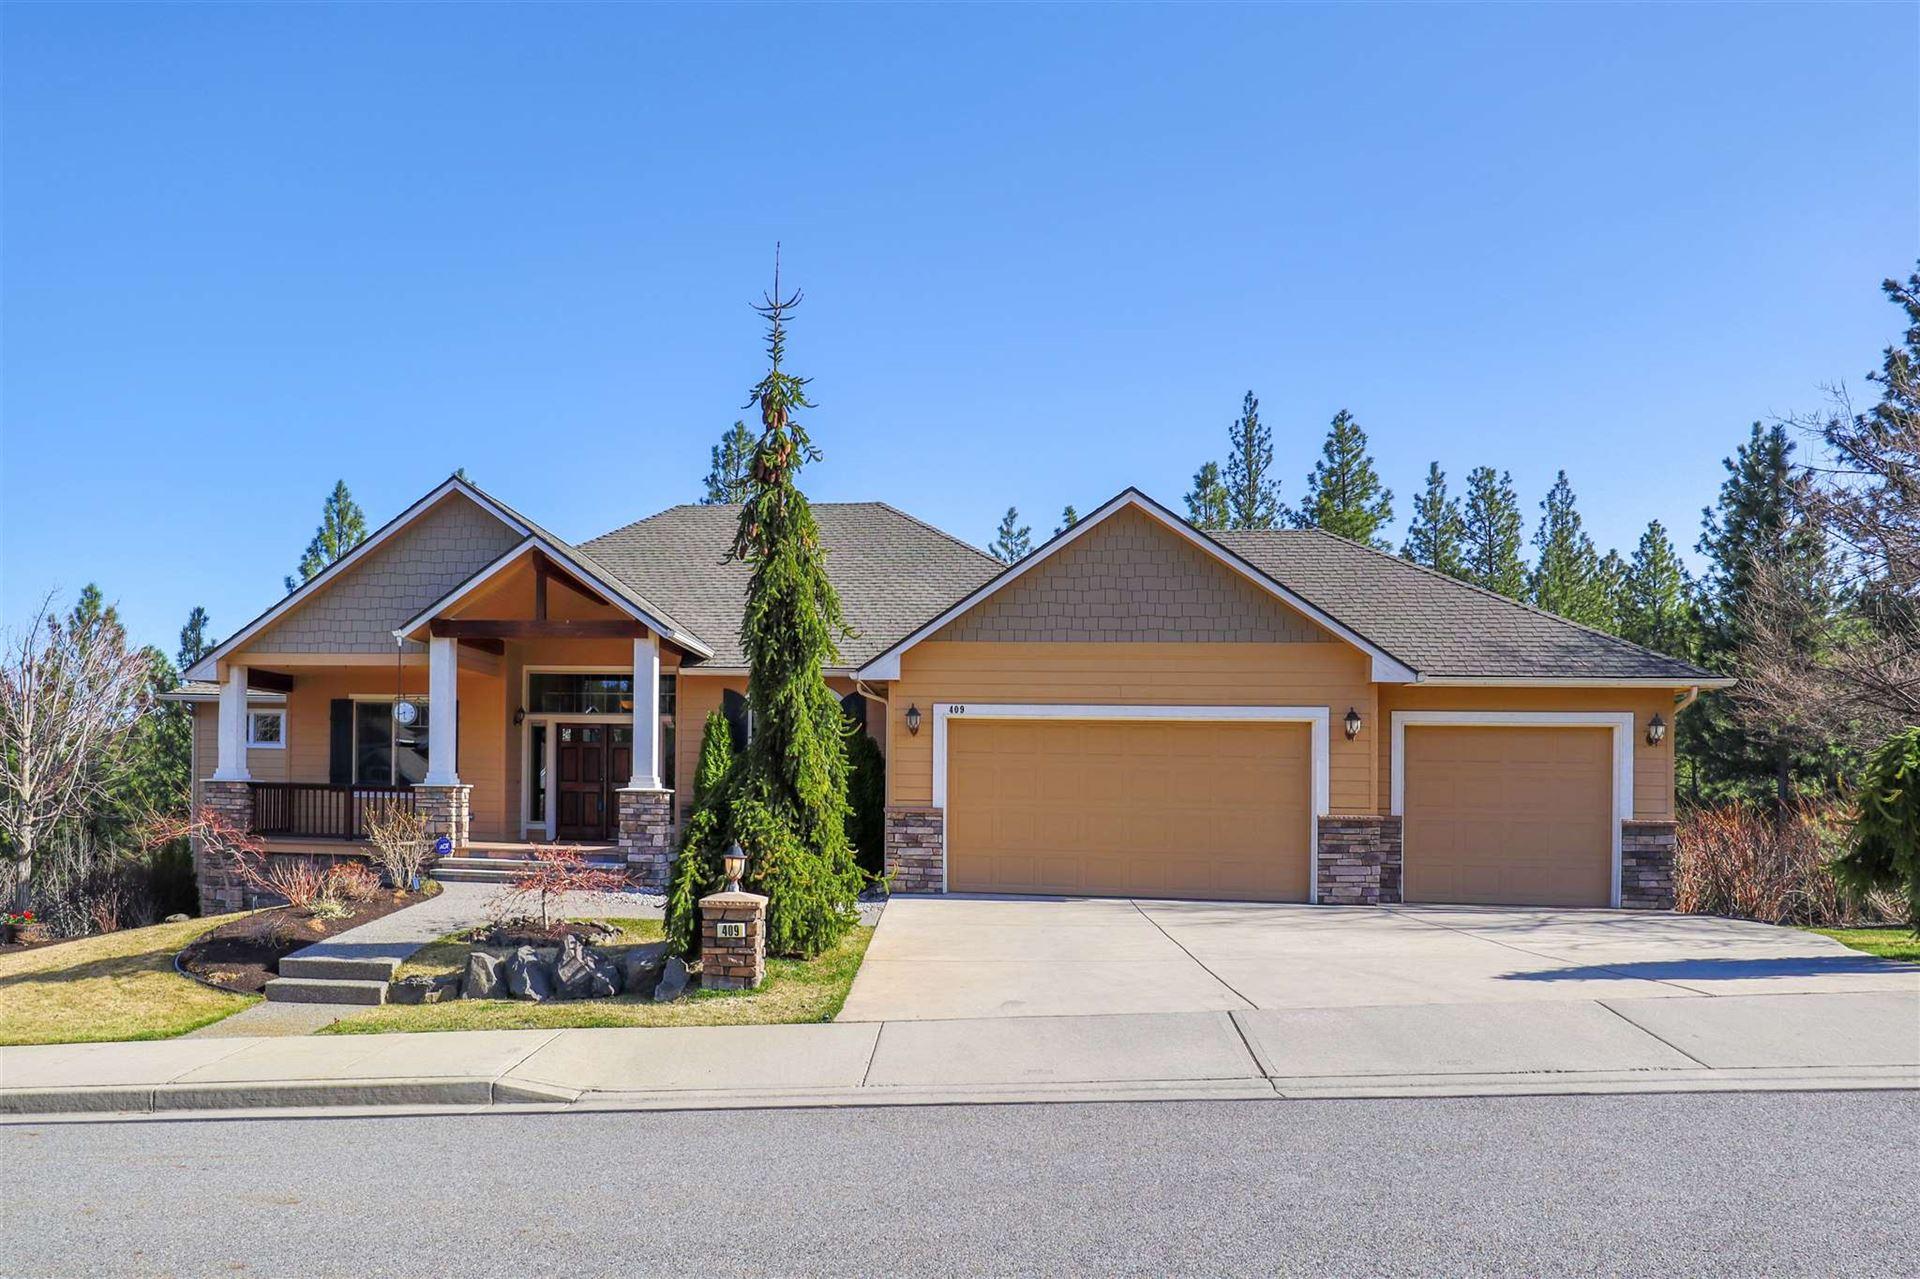 409 W Trailridge Ct, Spokane, WA 99224 - #: 202113614